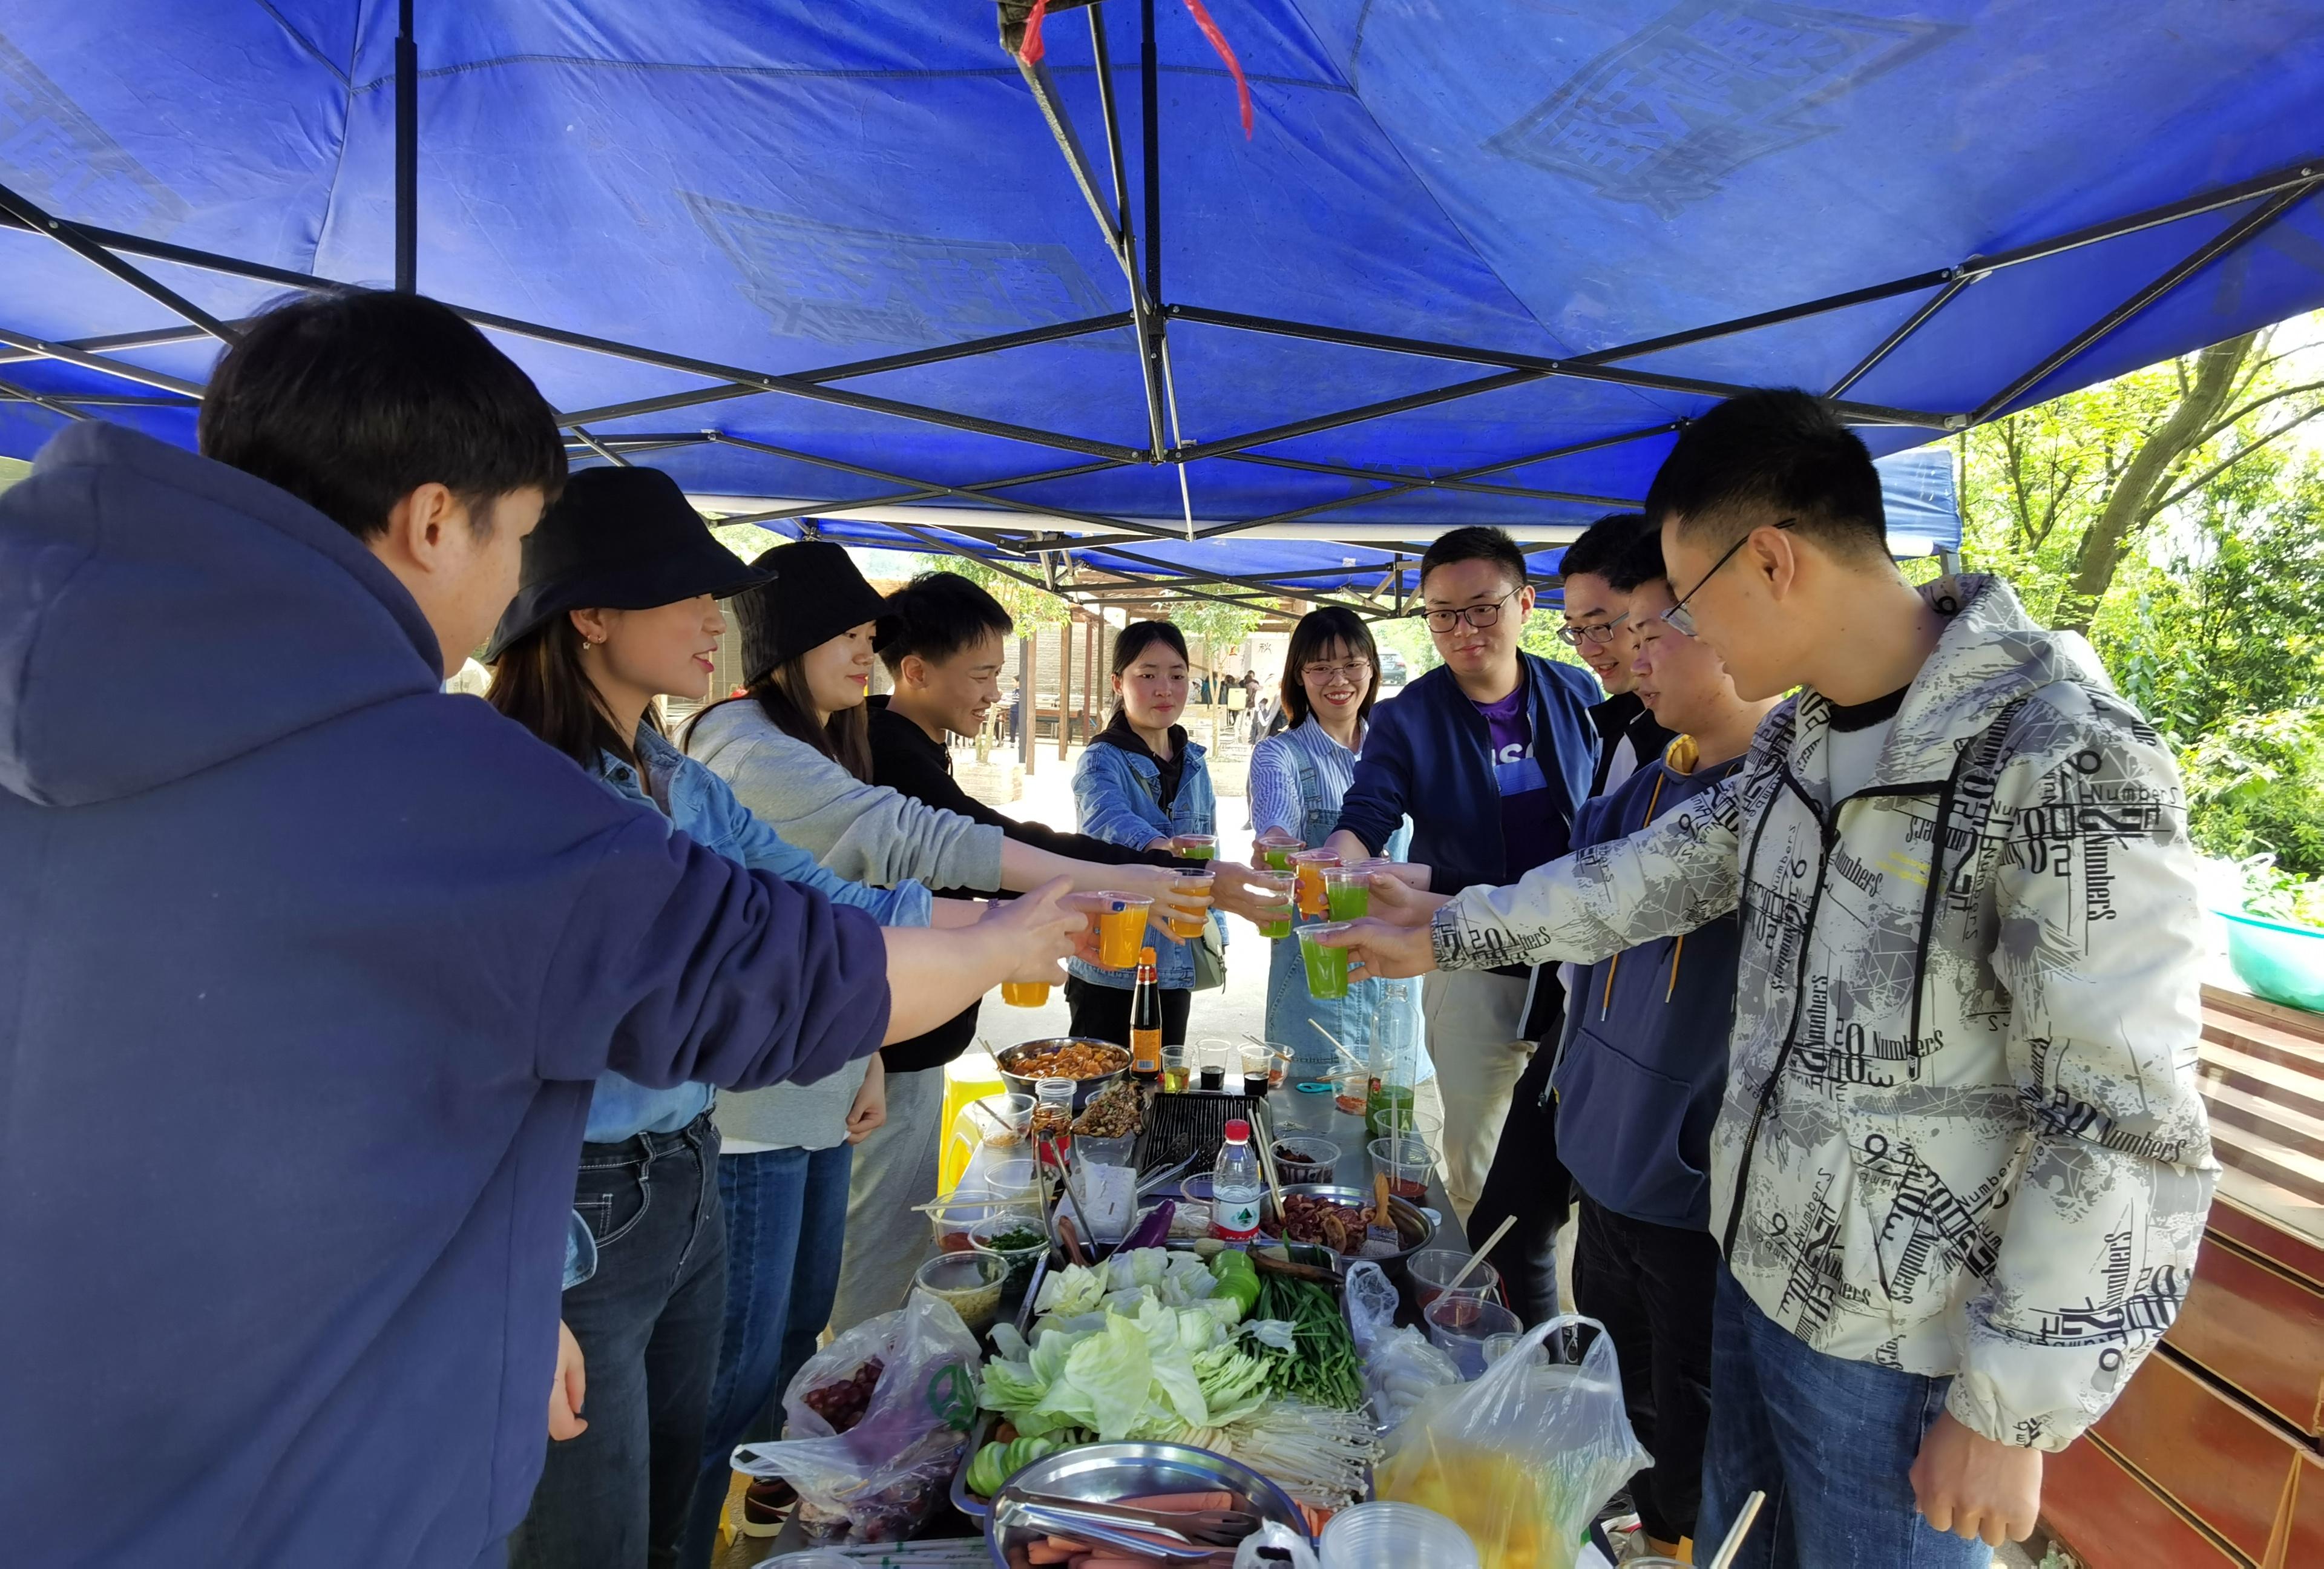 不负青春,不负韶华-企业团委组织青年团员开展踏青活动